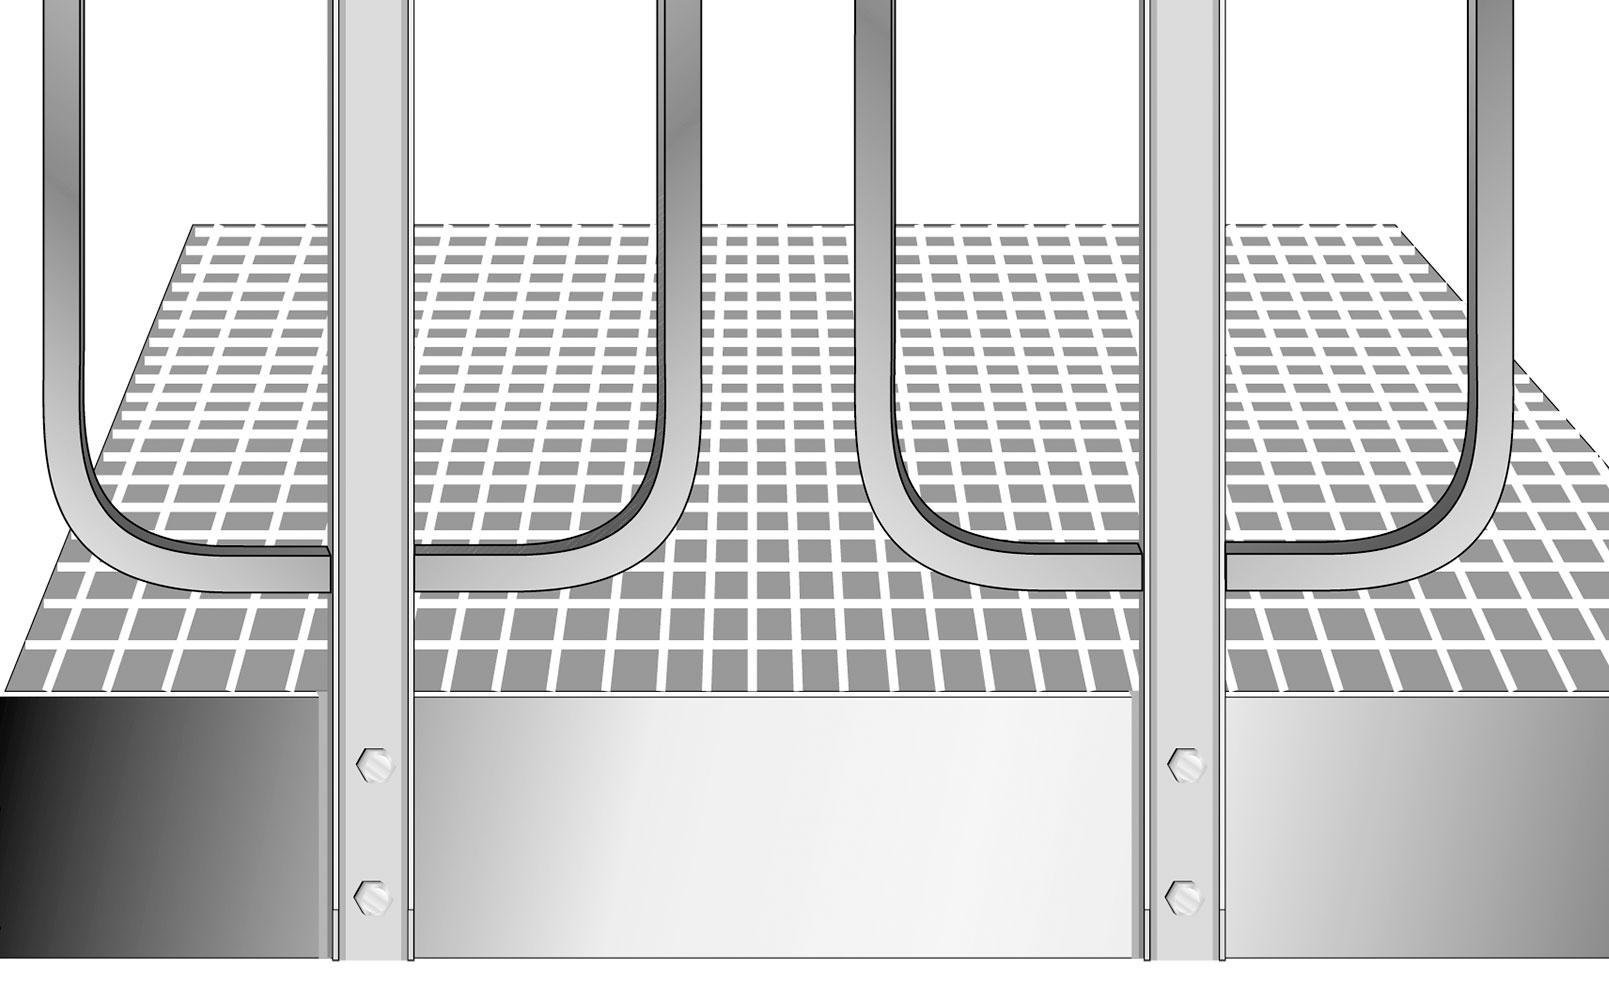 Spindeltreppe standard plattforme